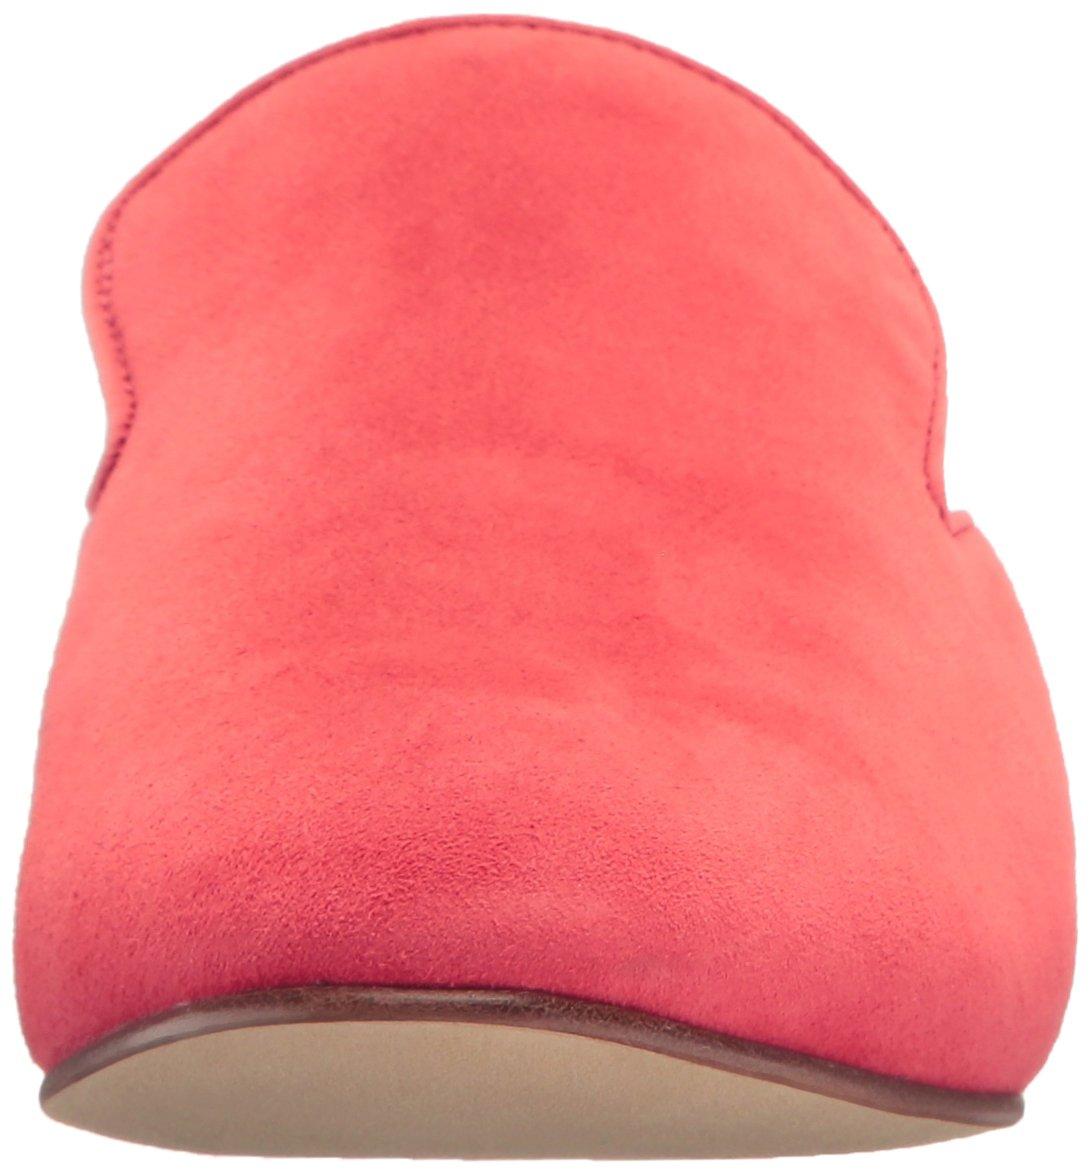 Via Spiga Mujer Yeo Mula-elegir Mula-elegir Mula-elegir talla Color 436330